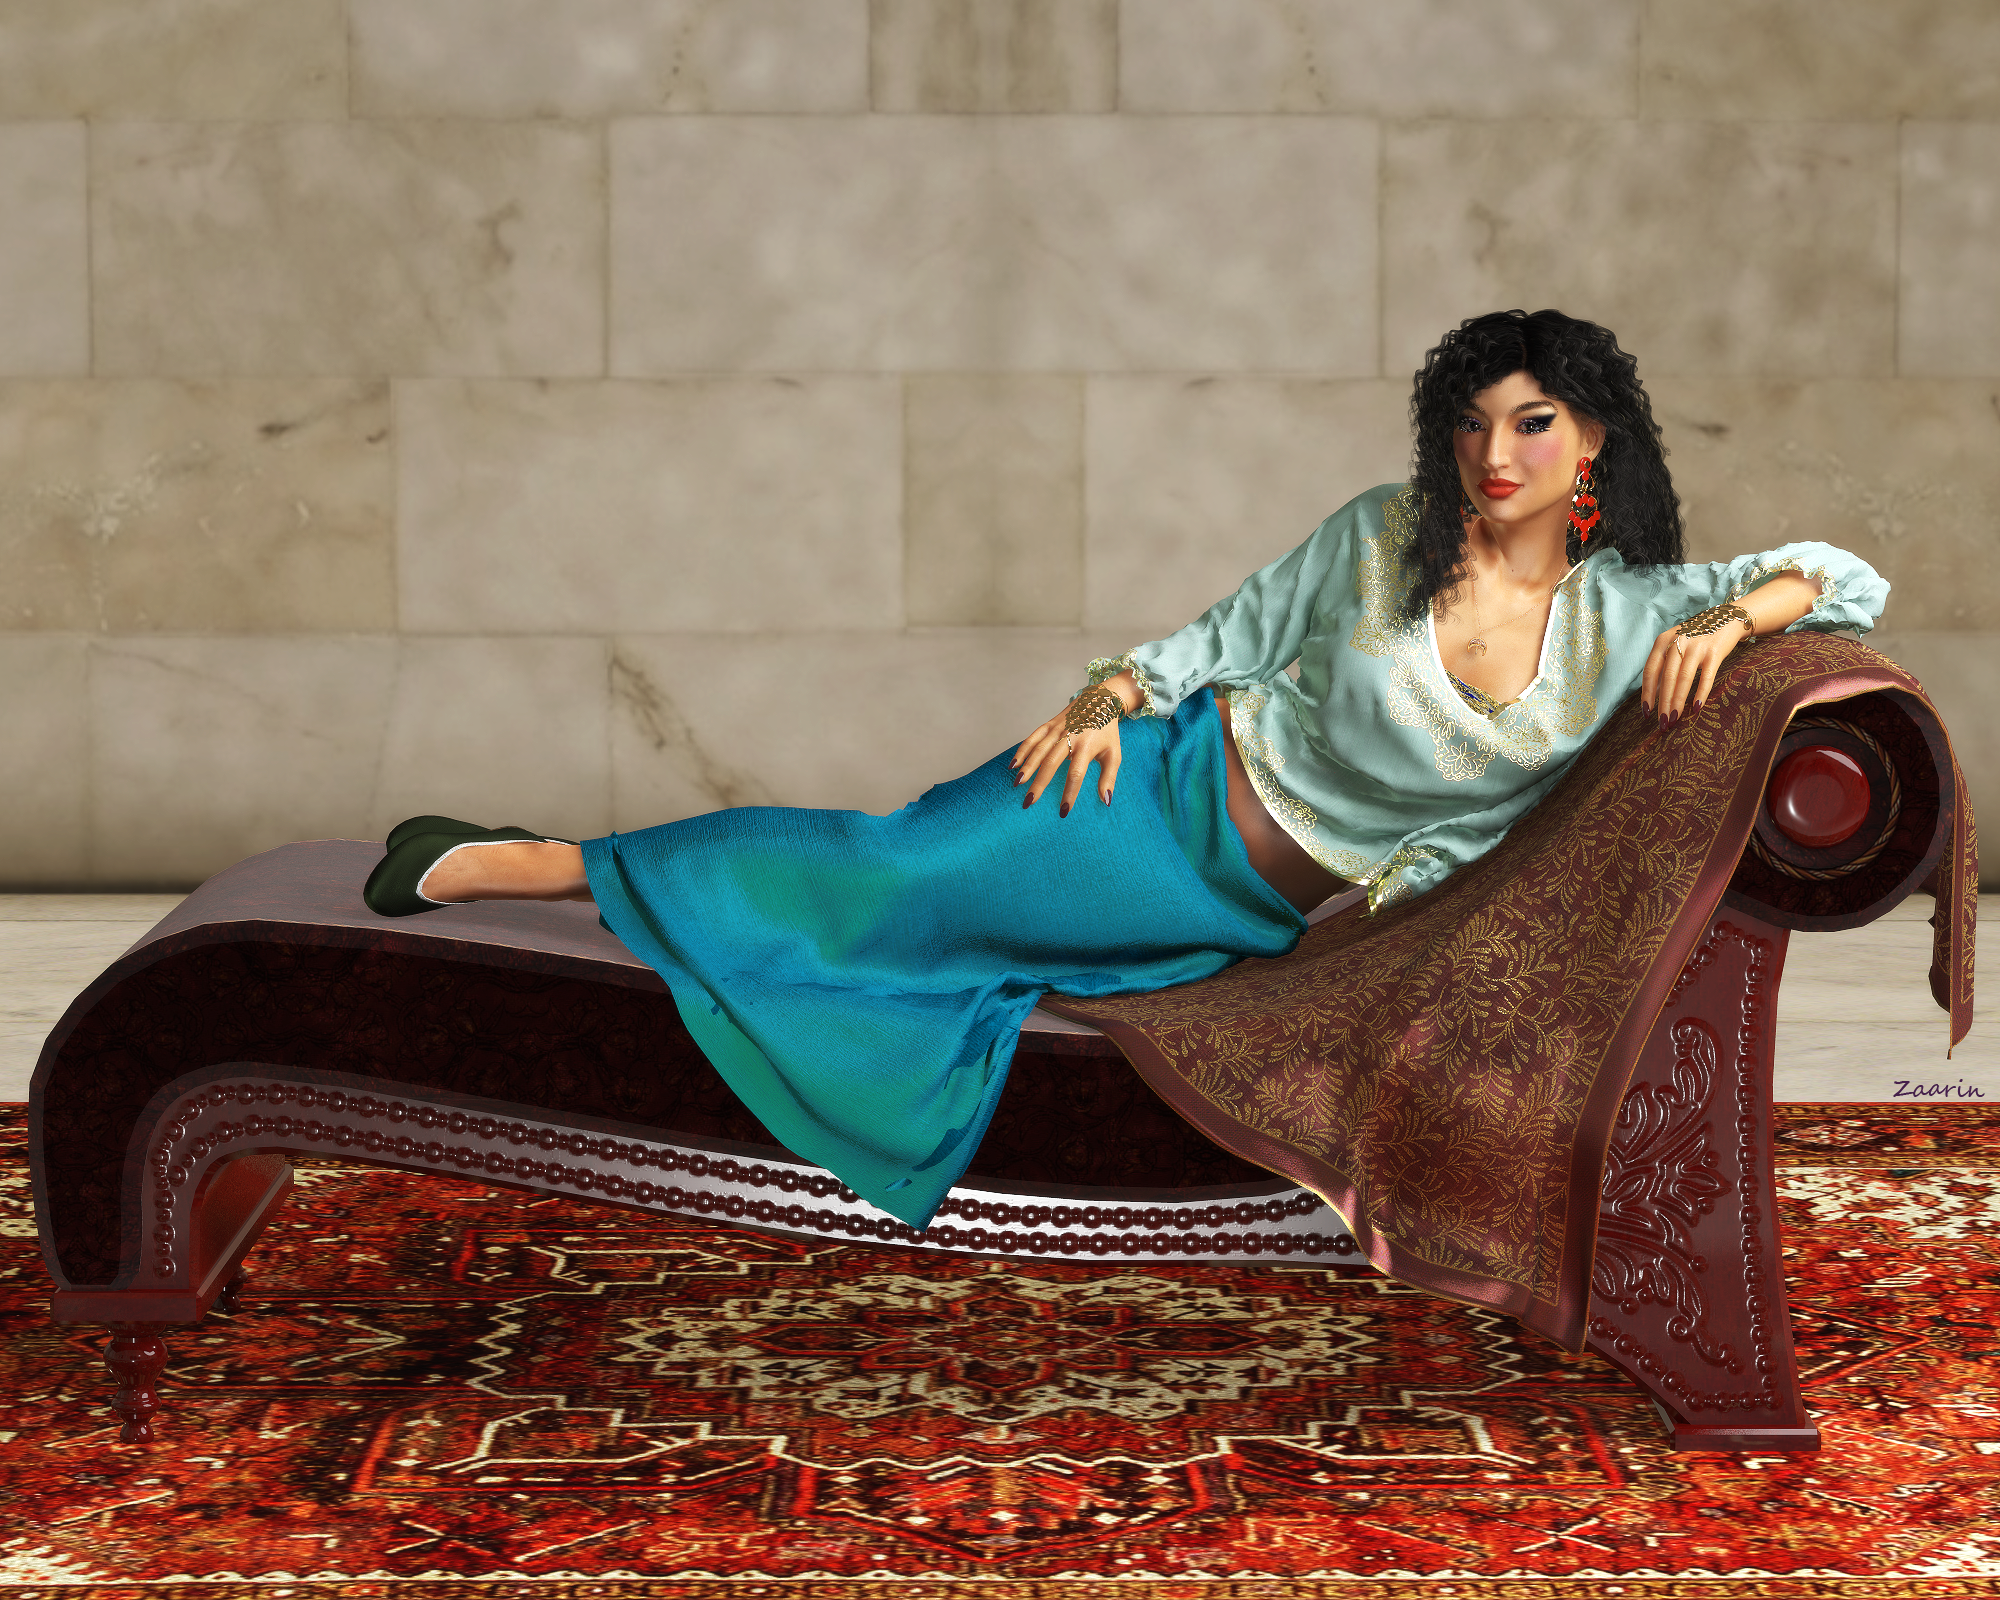 Grand Duchess Fairuz bint Fassar al-Asadah